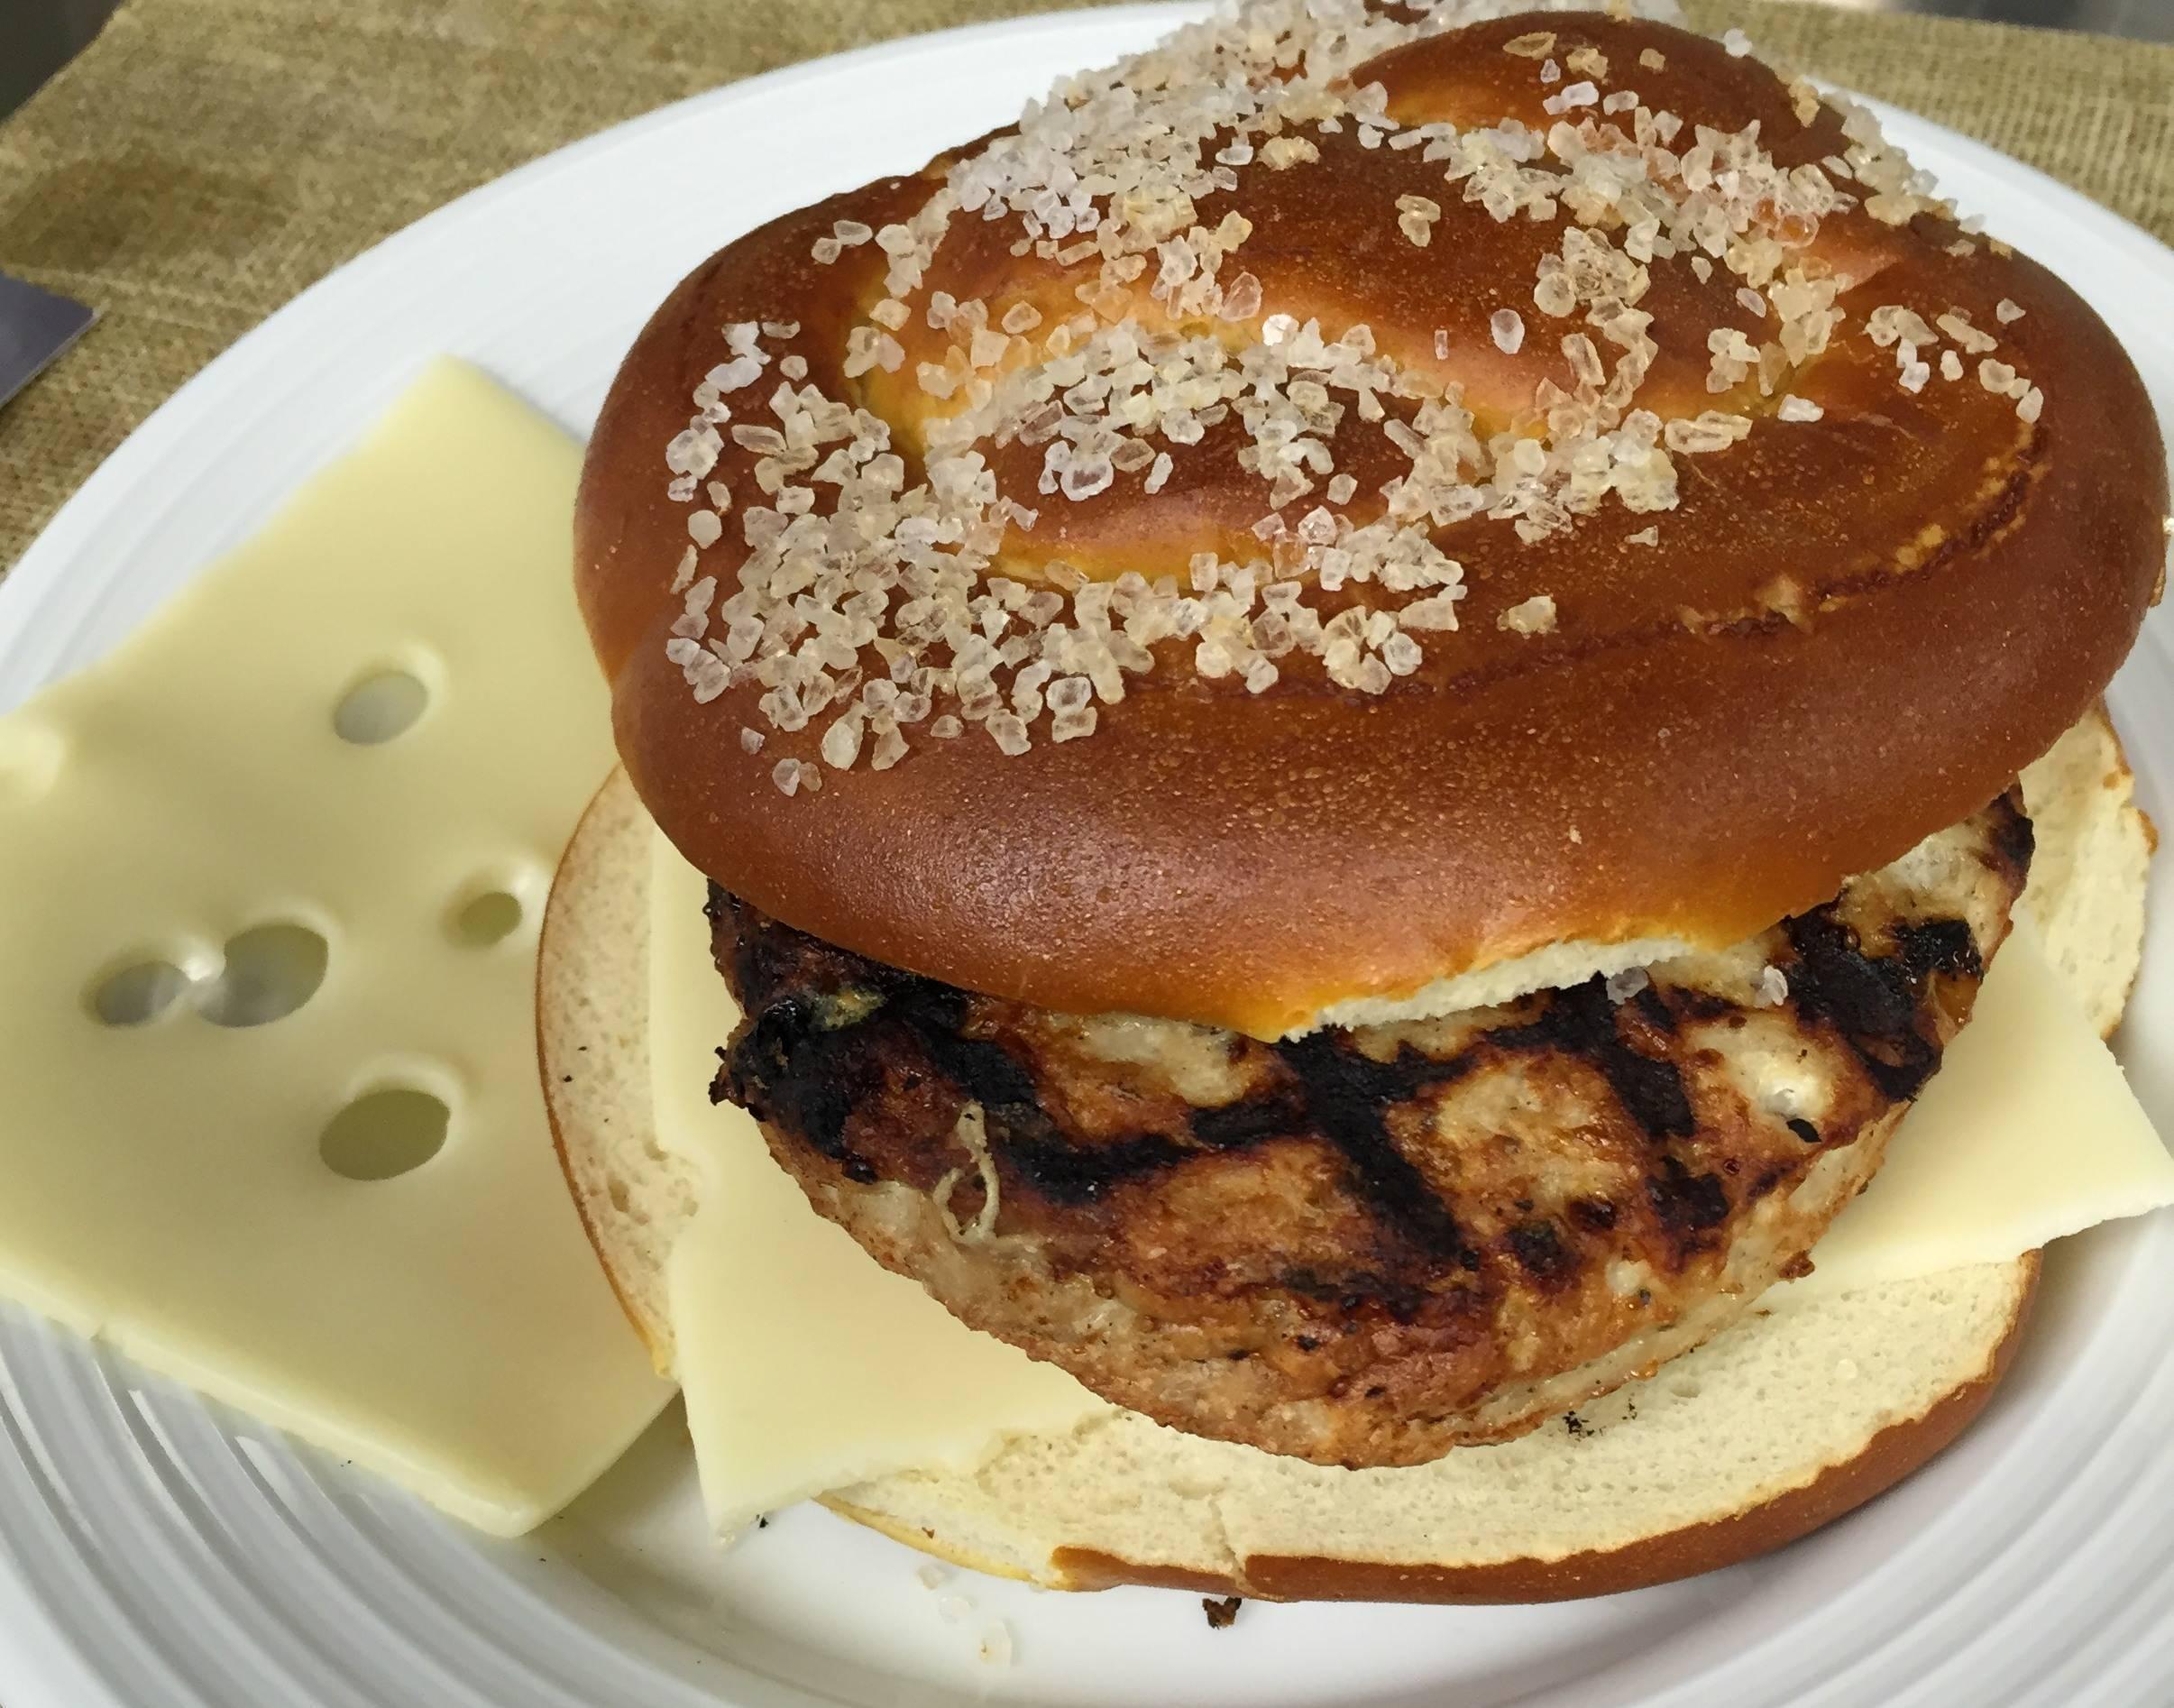 f5bc824113c20741f1f8_Pretzel_Roll_burger.JPG